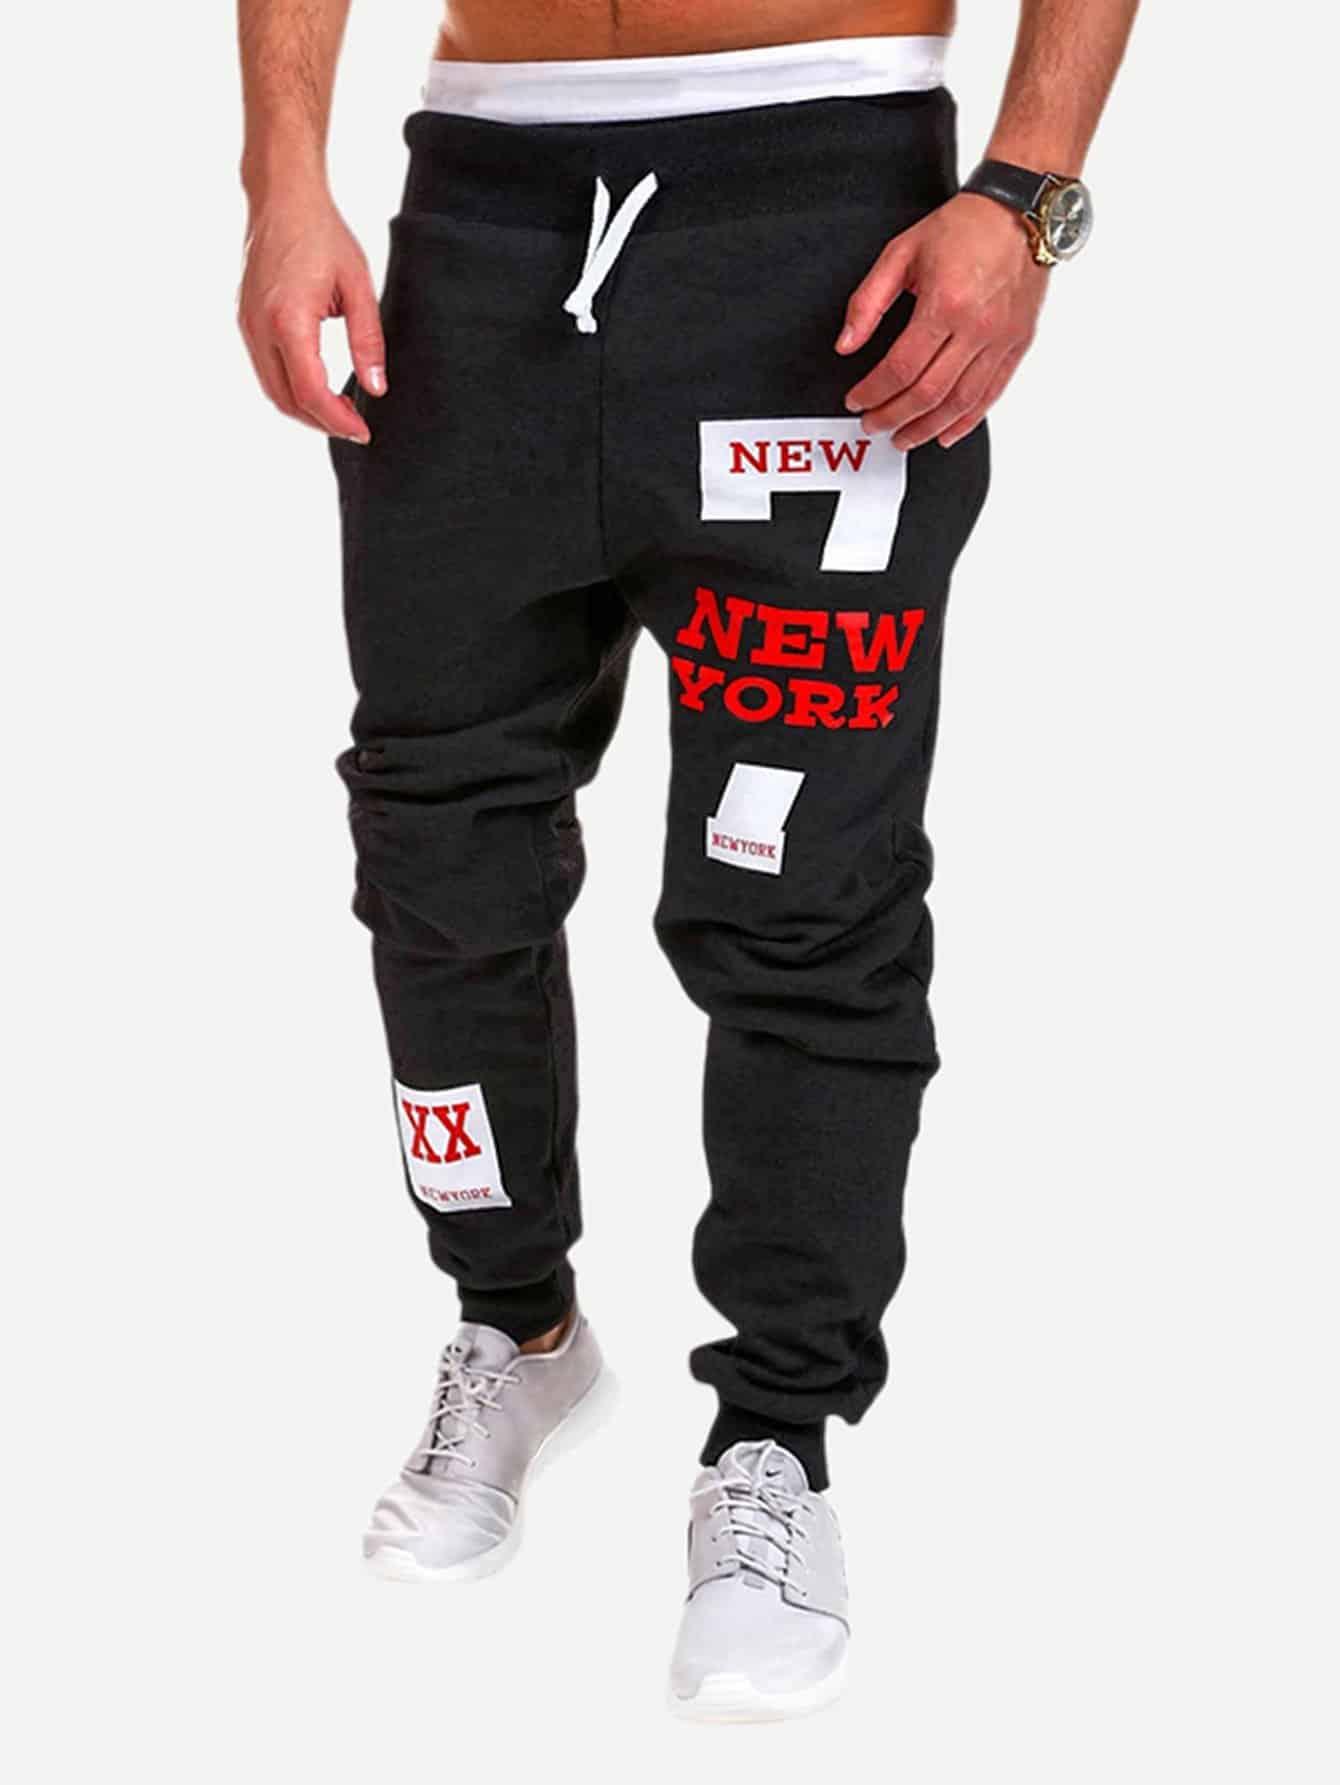 Купить Мужские спортивные брюки с текстовым принтом, null, SheIn